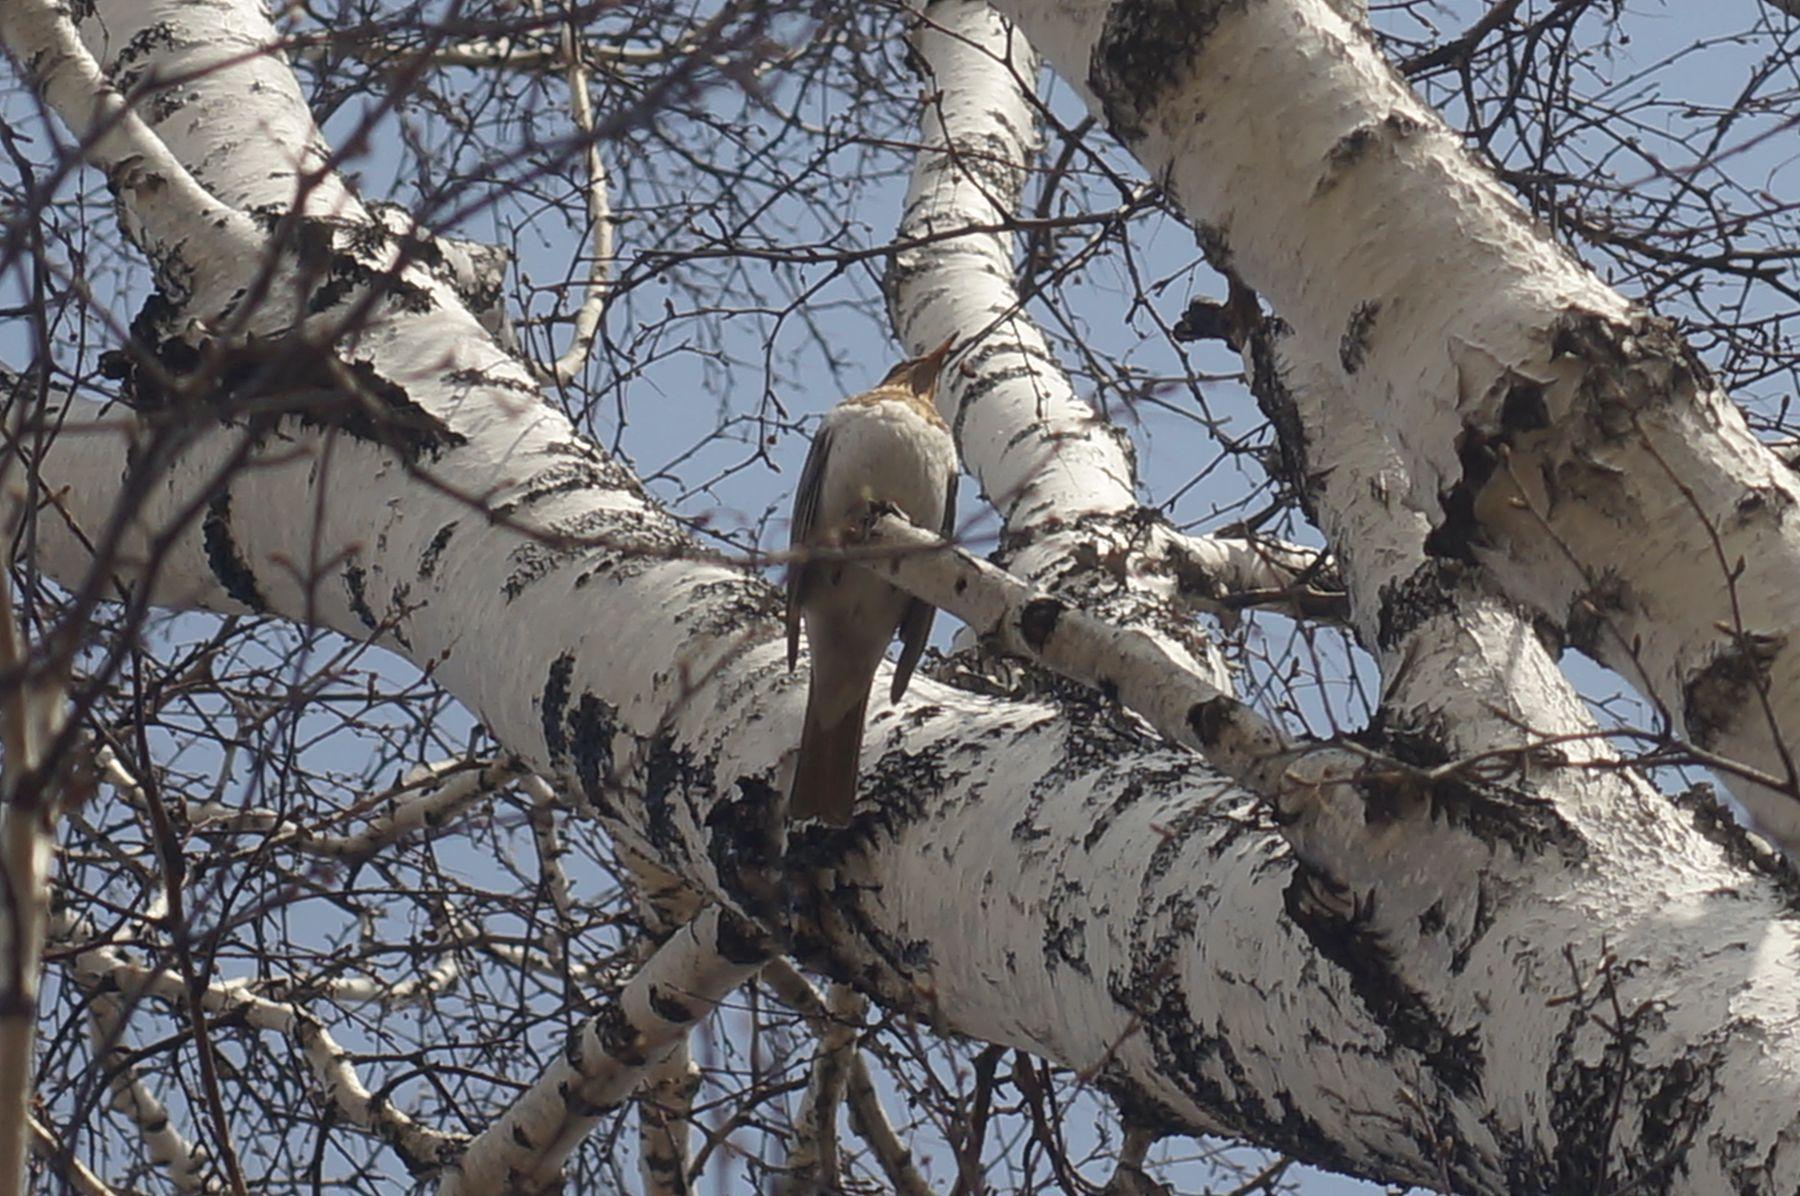 Краснозобый дрозд краснозобый дрозд птица весна лес берёза